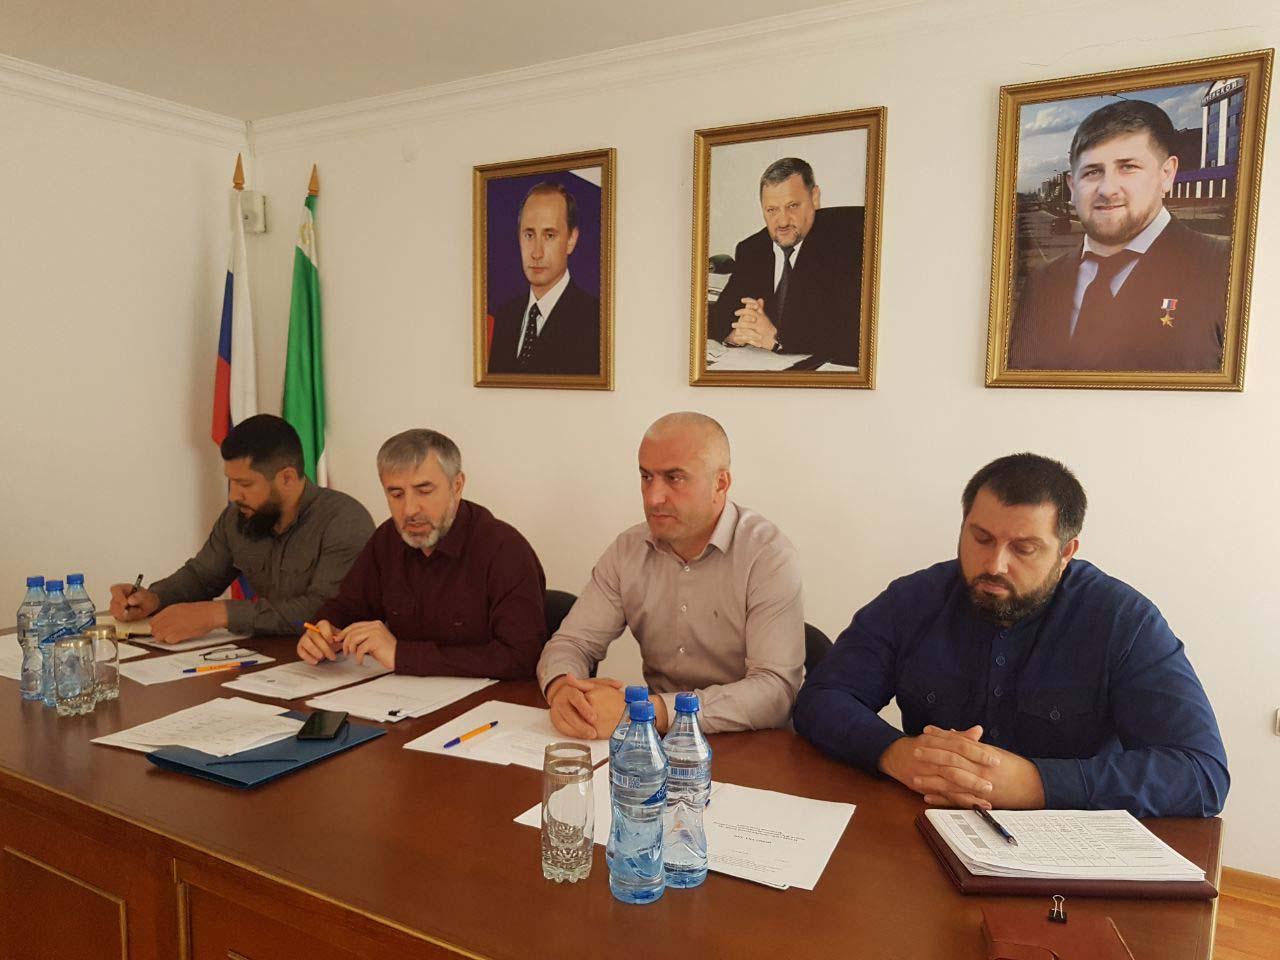 Межведомственная рабочая группа приступила к изучению инвестиционного потенциала Ножай-Юртовского муниципального района ЧР